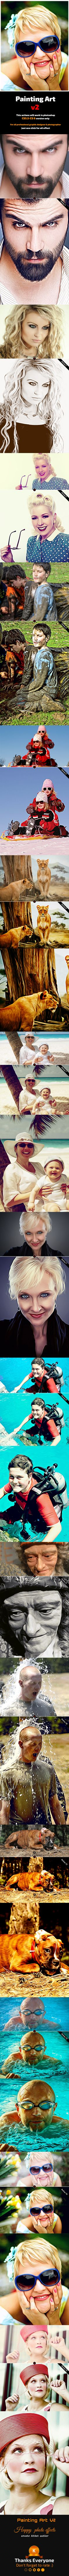 Painting Art V2 by hazratali2020.deviantart.com on @DeviantArt